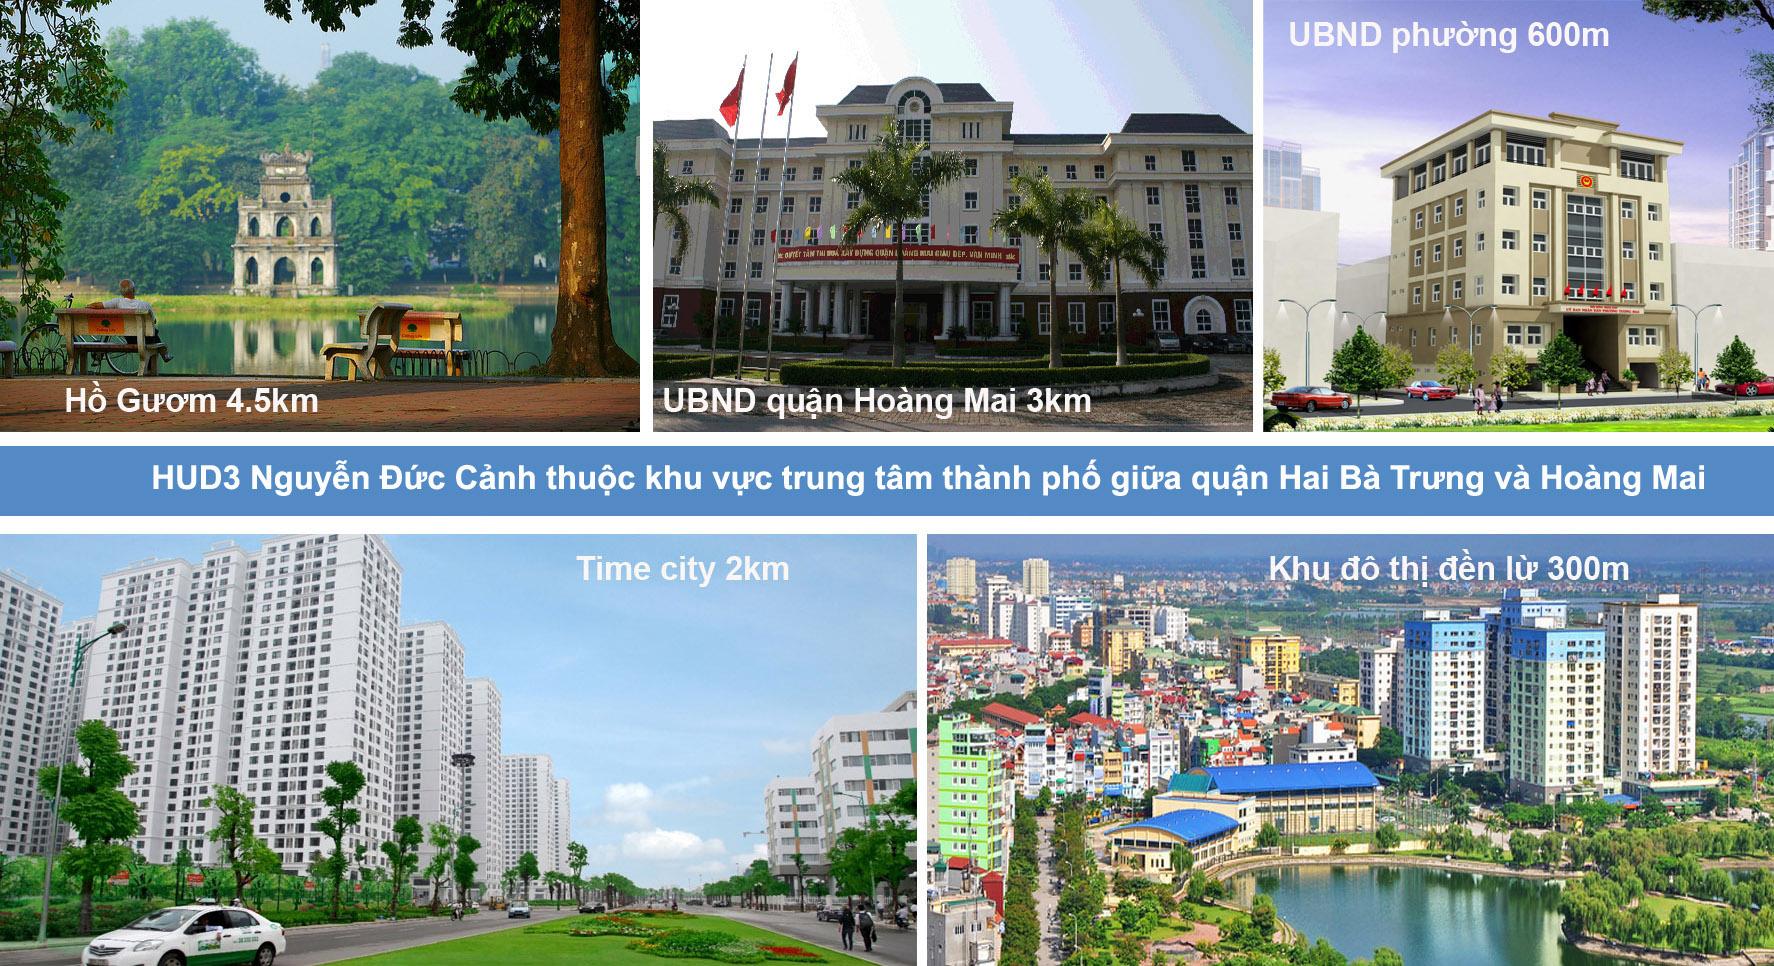 Thăm quan dự án Chung cư Hud3 Nguyễn Đức Cảnh, B1B2 Tây Nam Linh Đàm